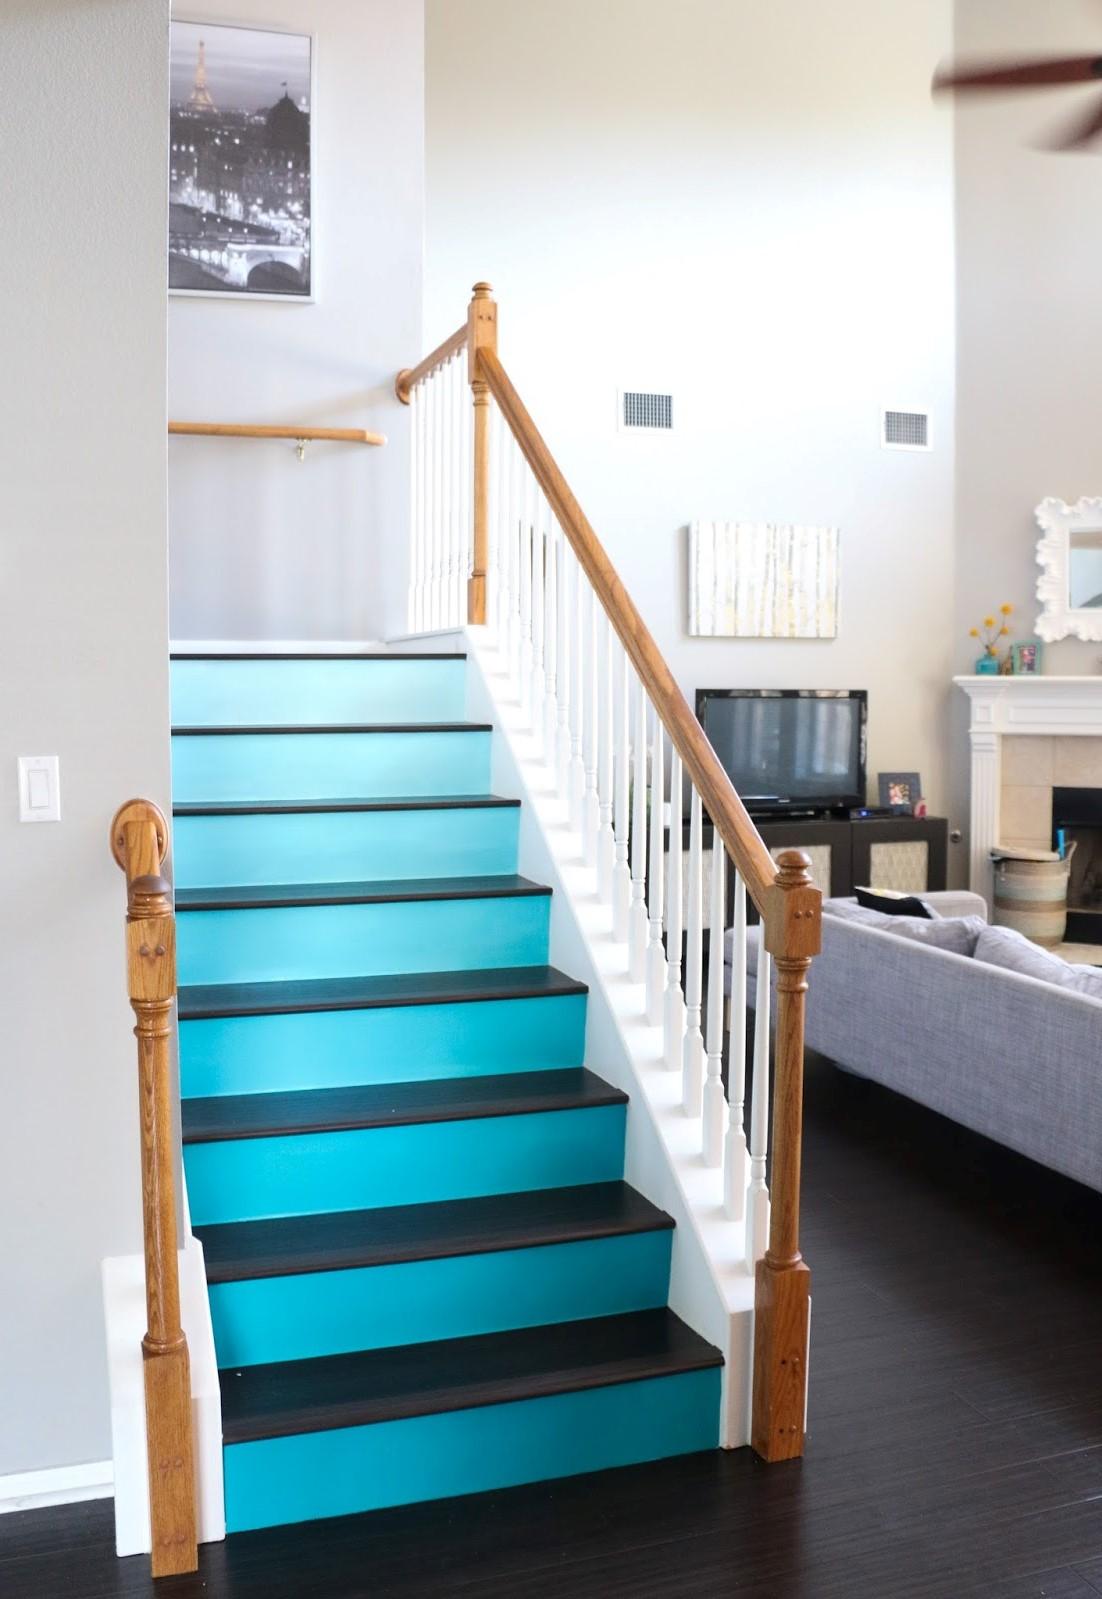 Si vous n'habitez pas près de la plage, mais que vous souhaitez intégrer la mer dans votre maison, peignez votre escalier avec une belle nuance de bleu ou de vert océan.